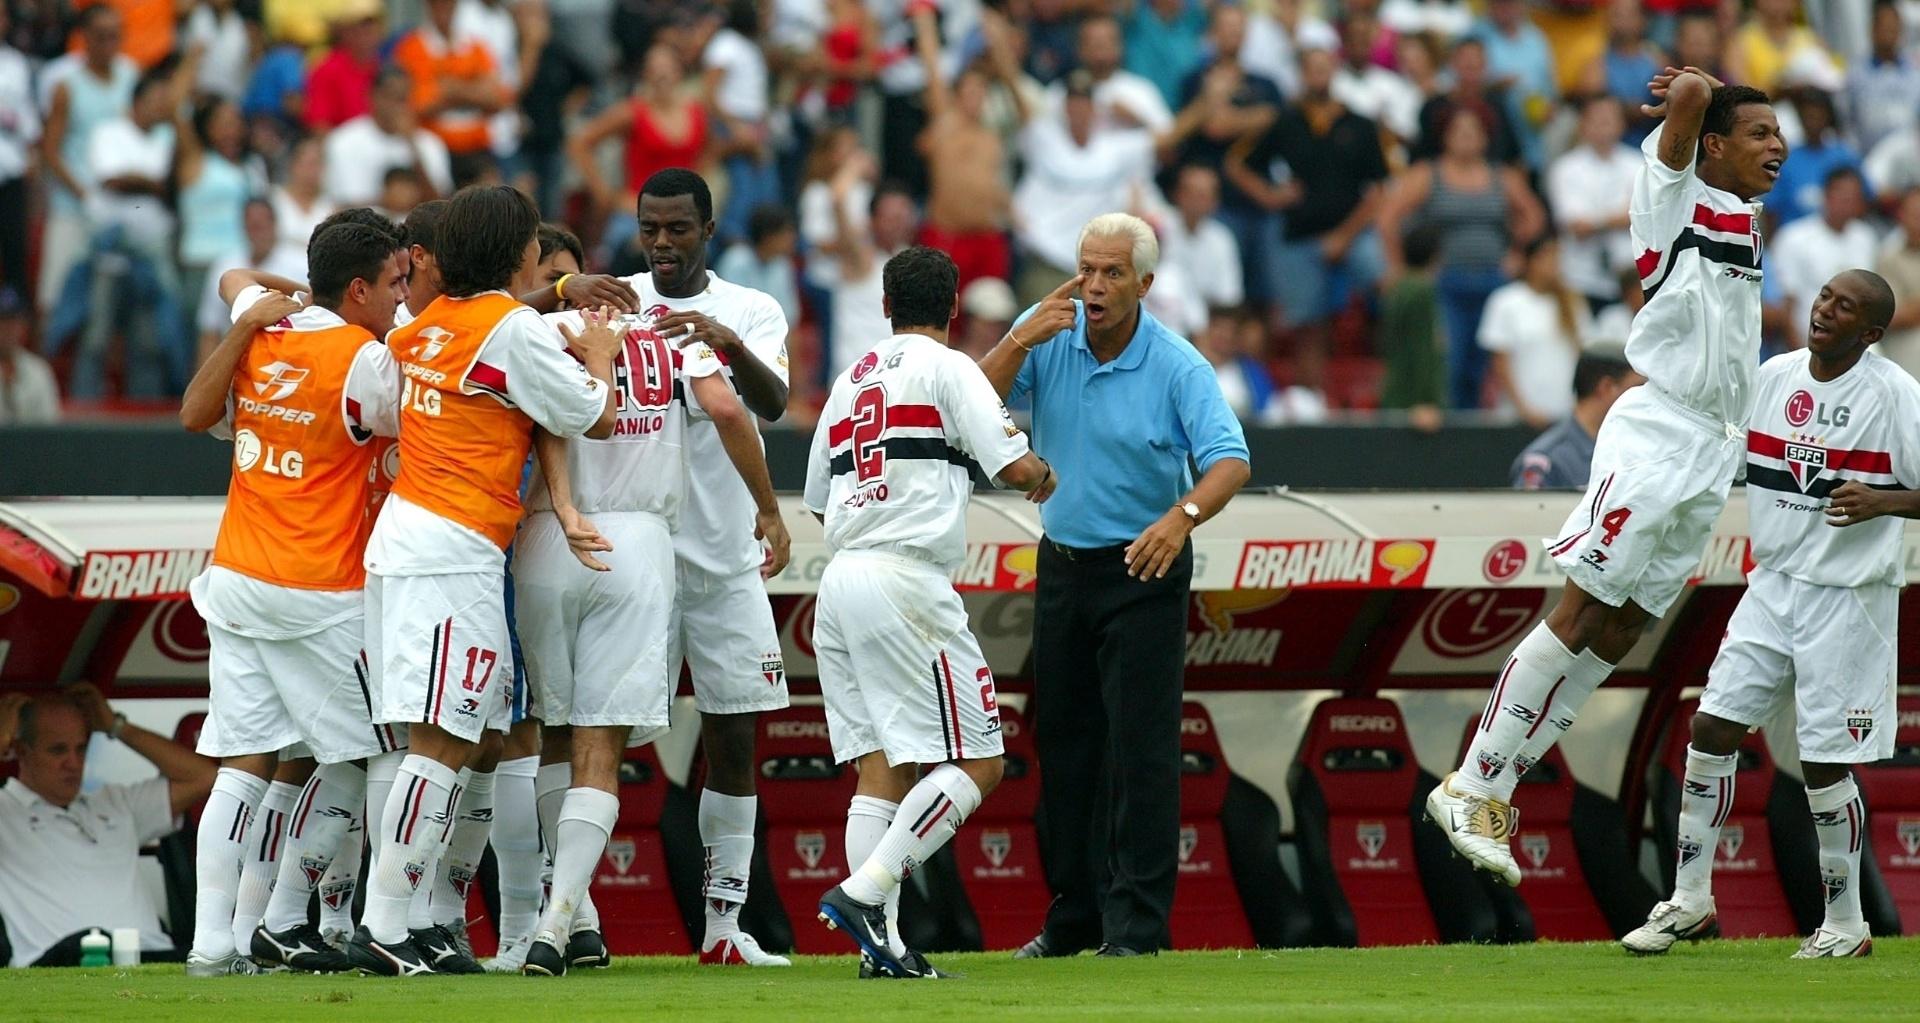 Leão orienta os jogadores do São Paulo durante a vitória sobre o Corinthians no Paulistão 2005